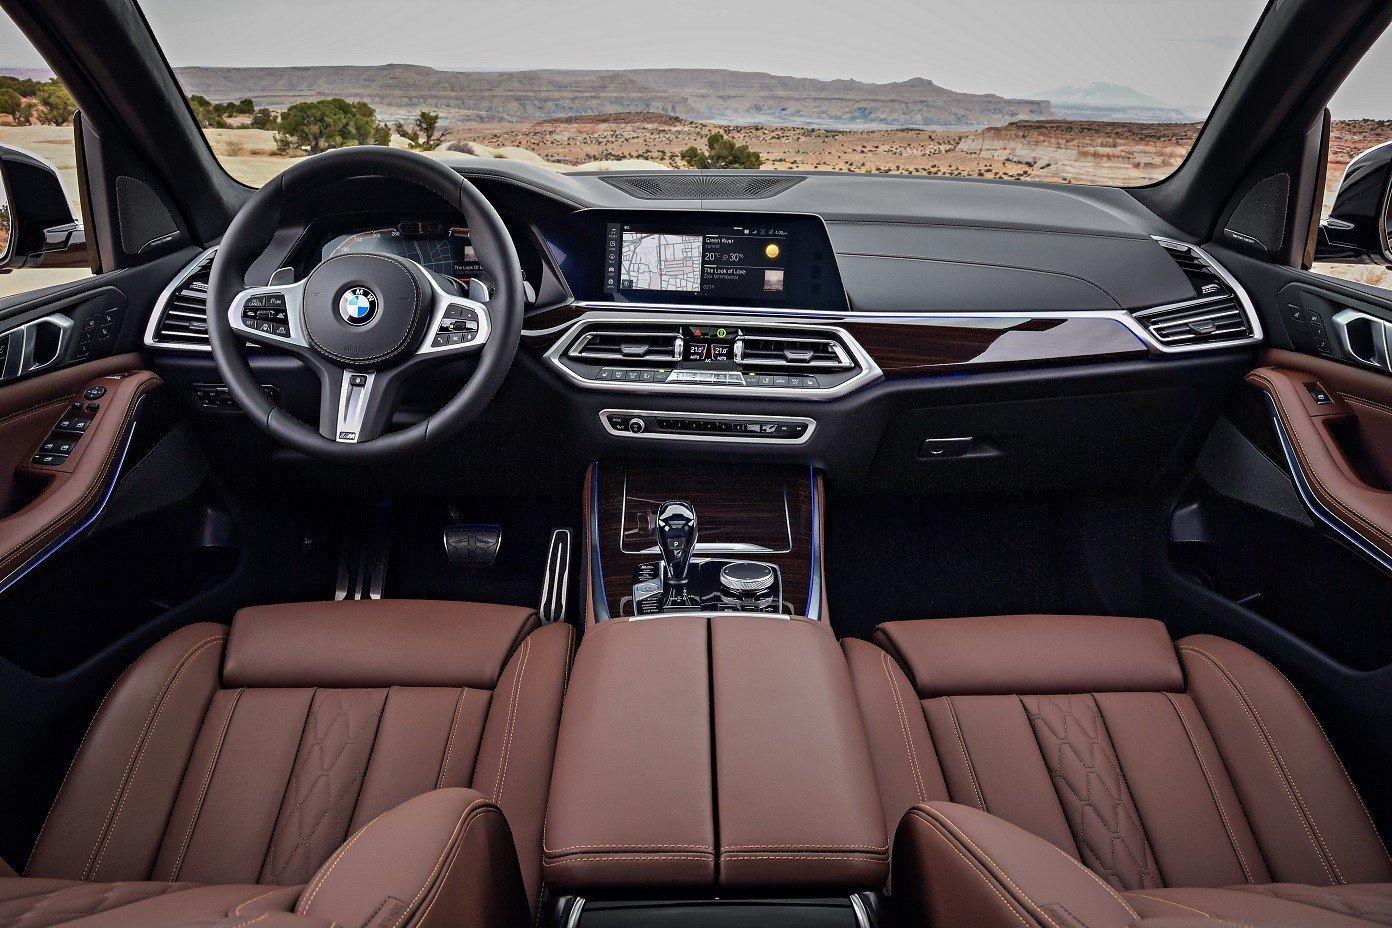 БМВ X5 обновленного поколения получил официальную стоимость в3,8 млн. руб.